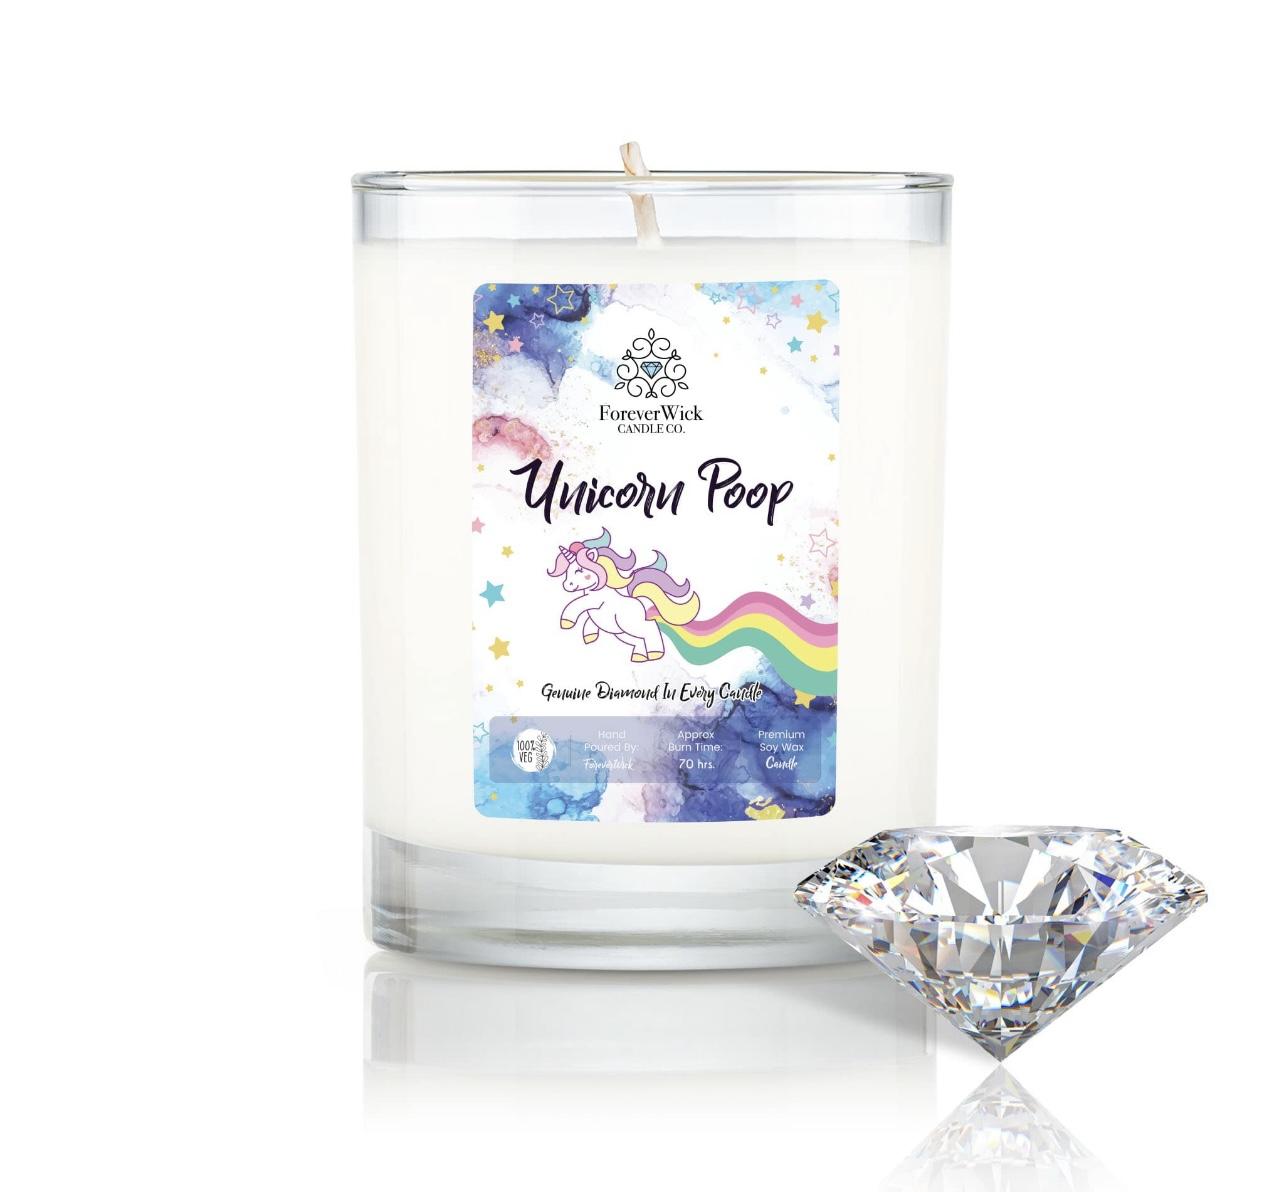 Unicorn Poop - Diamond Candle